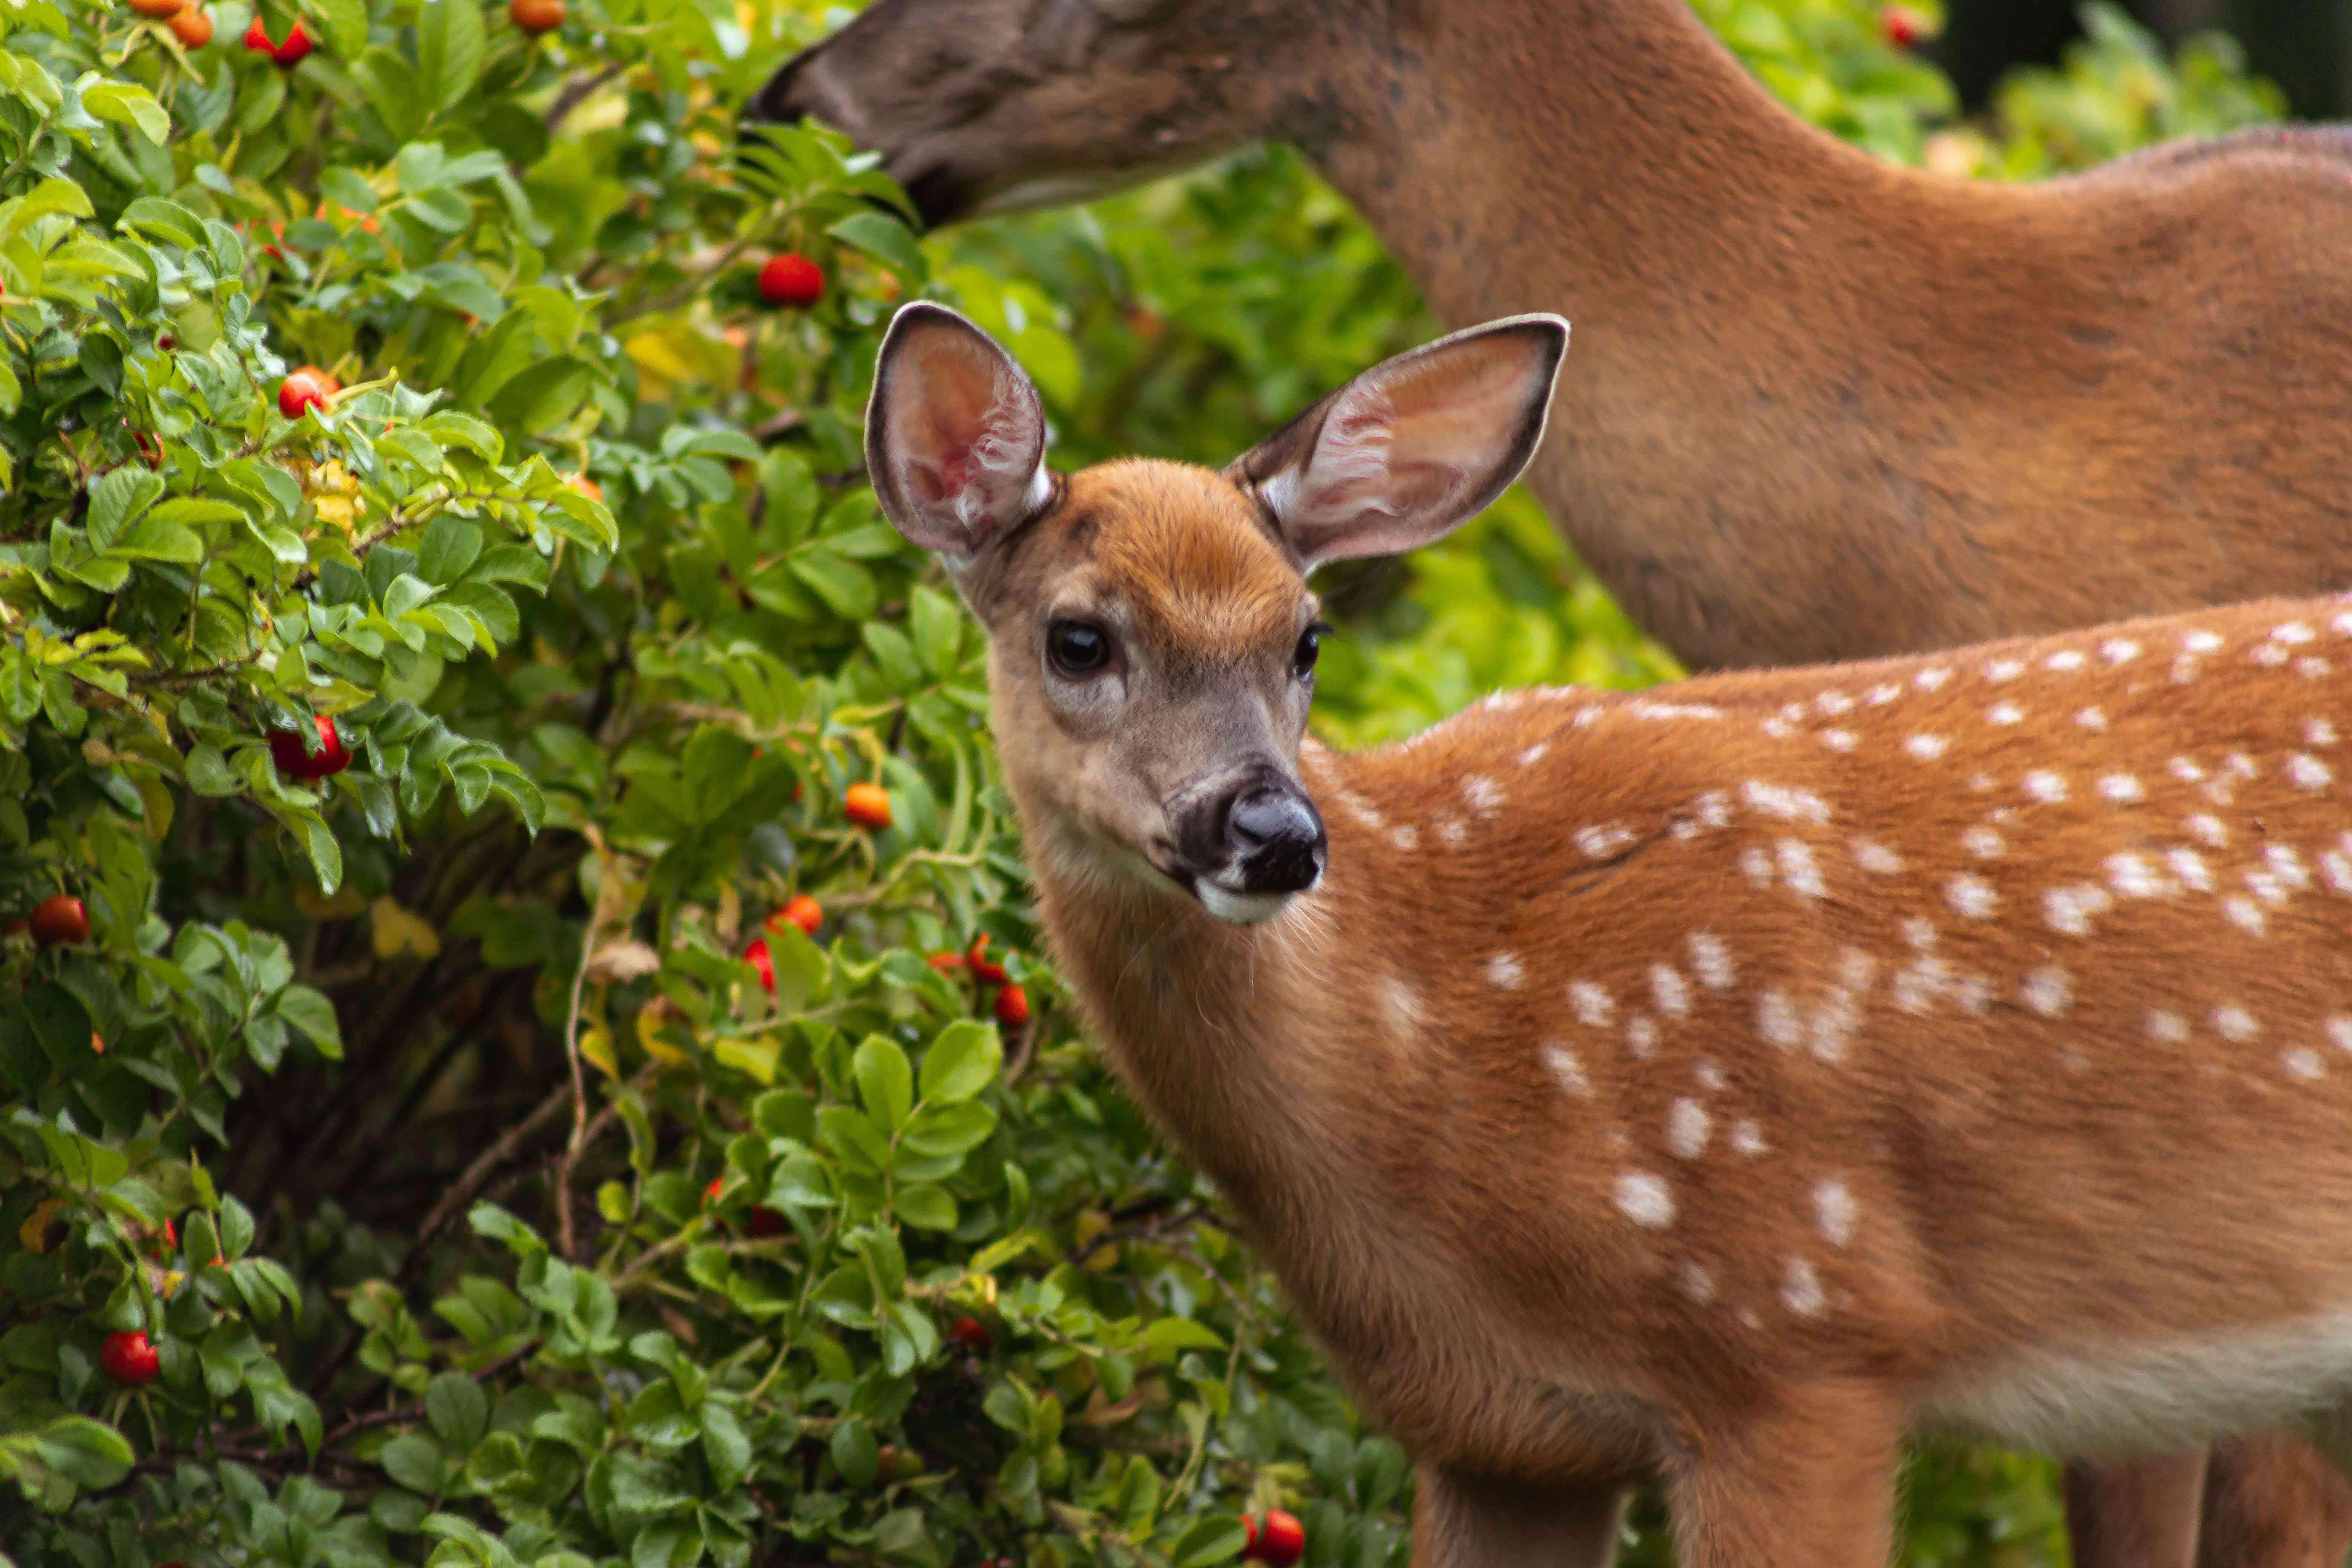 Deer near a landscape in a yard